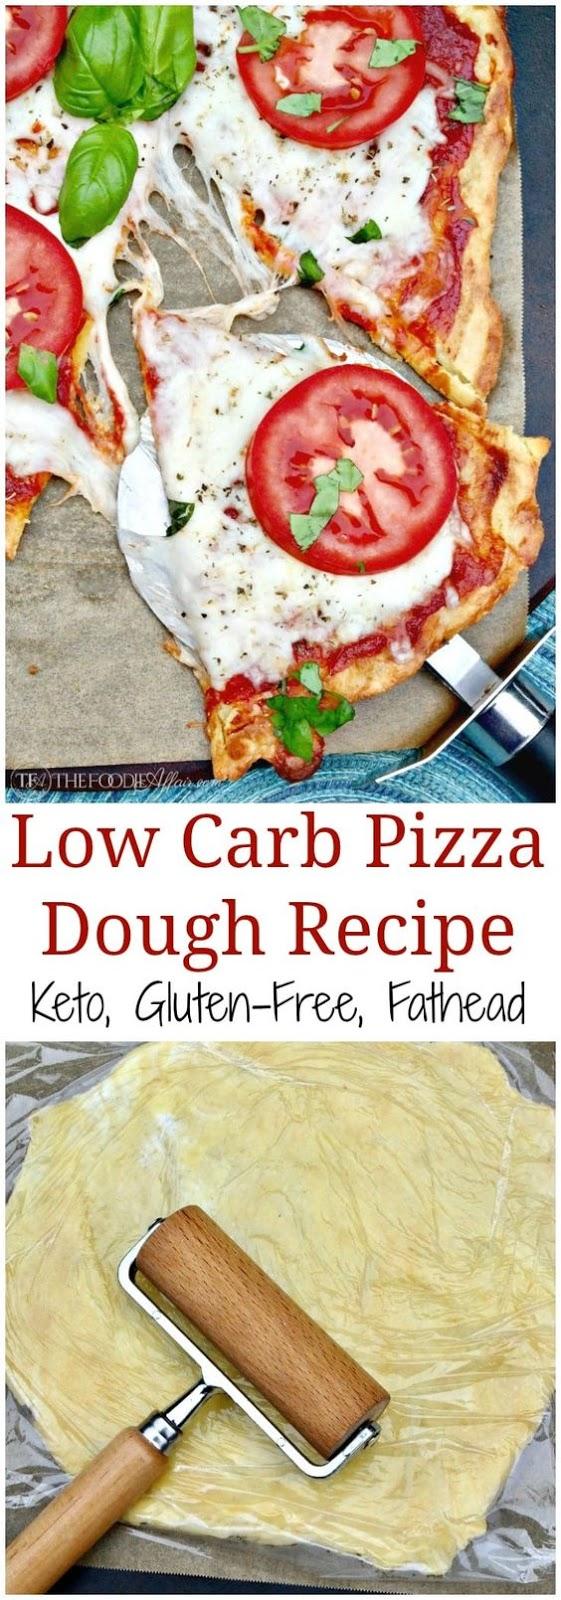 LOW CARB PIZZA DOUGH #LOWCARB #PIZZA